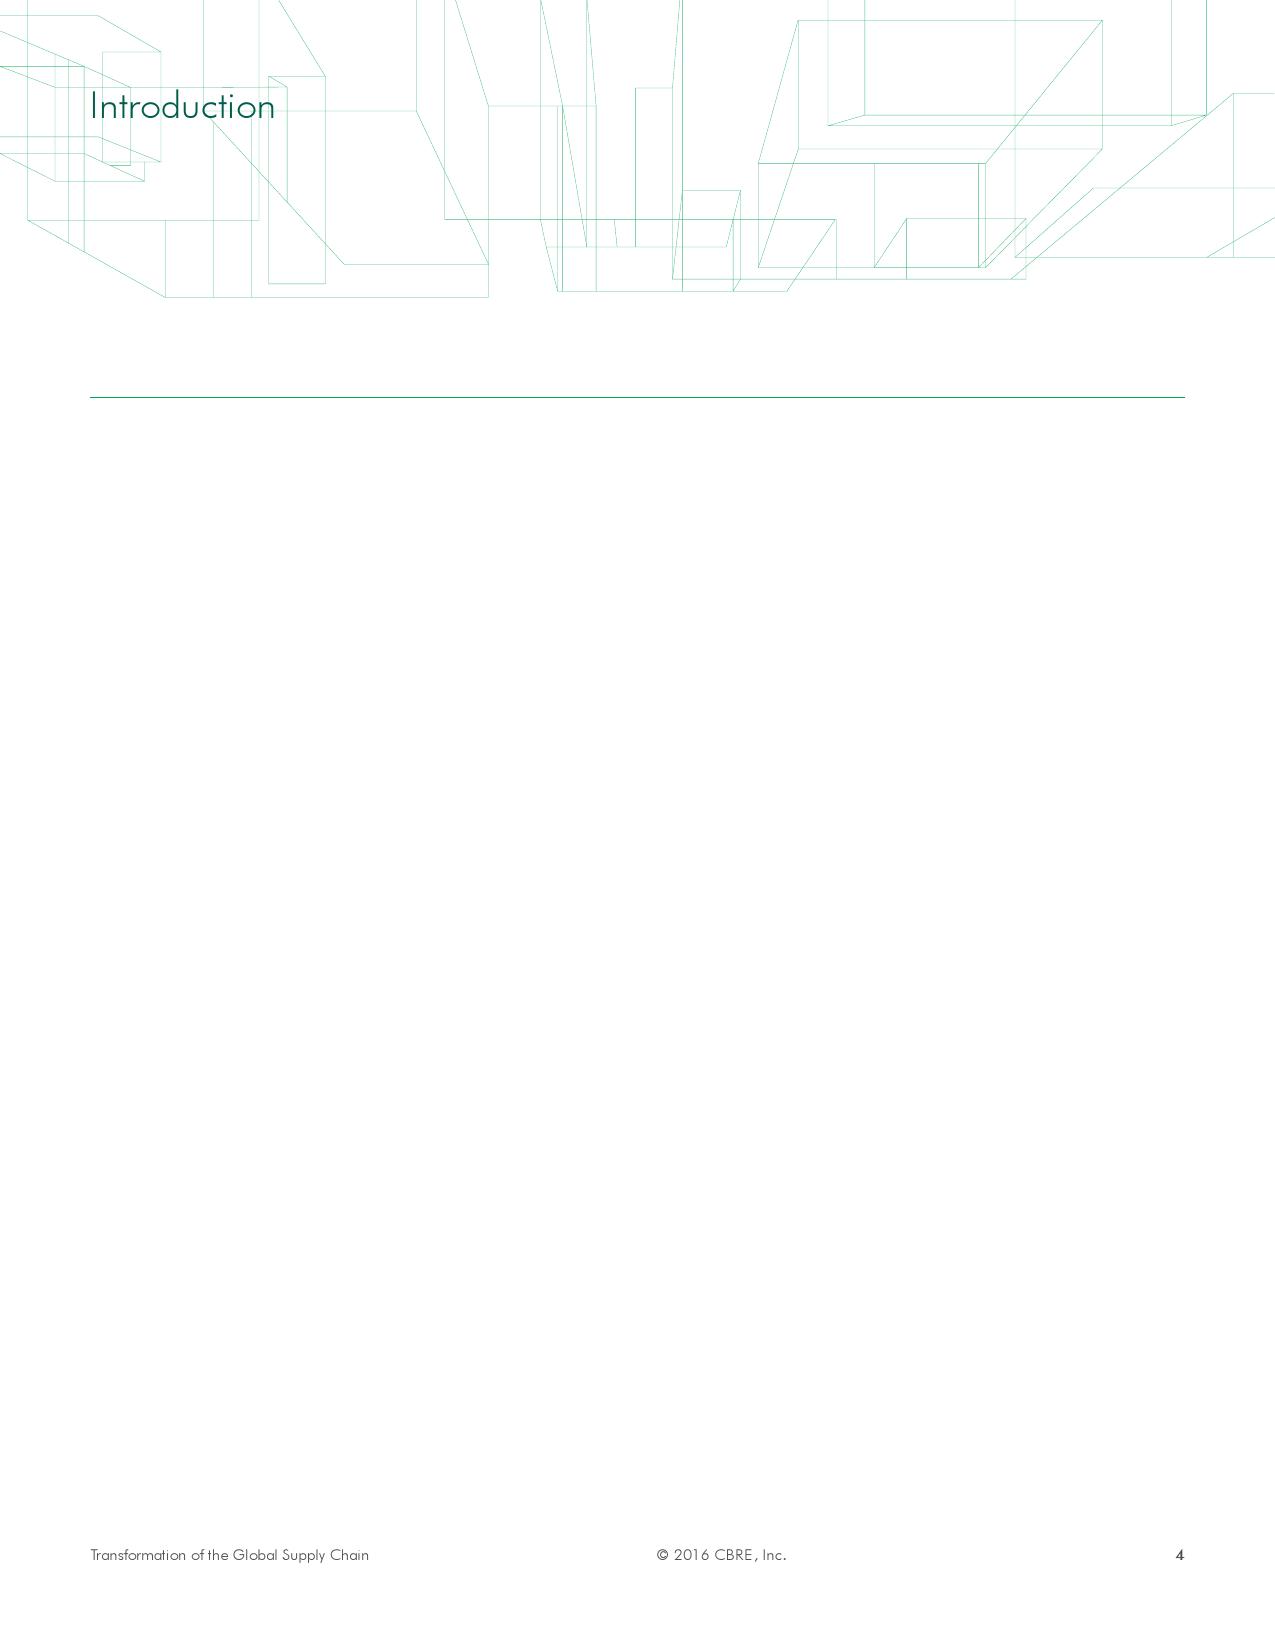 全球供应链升级-自动化技术驱动房地产变革_000004